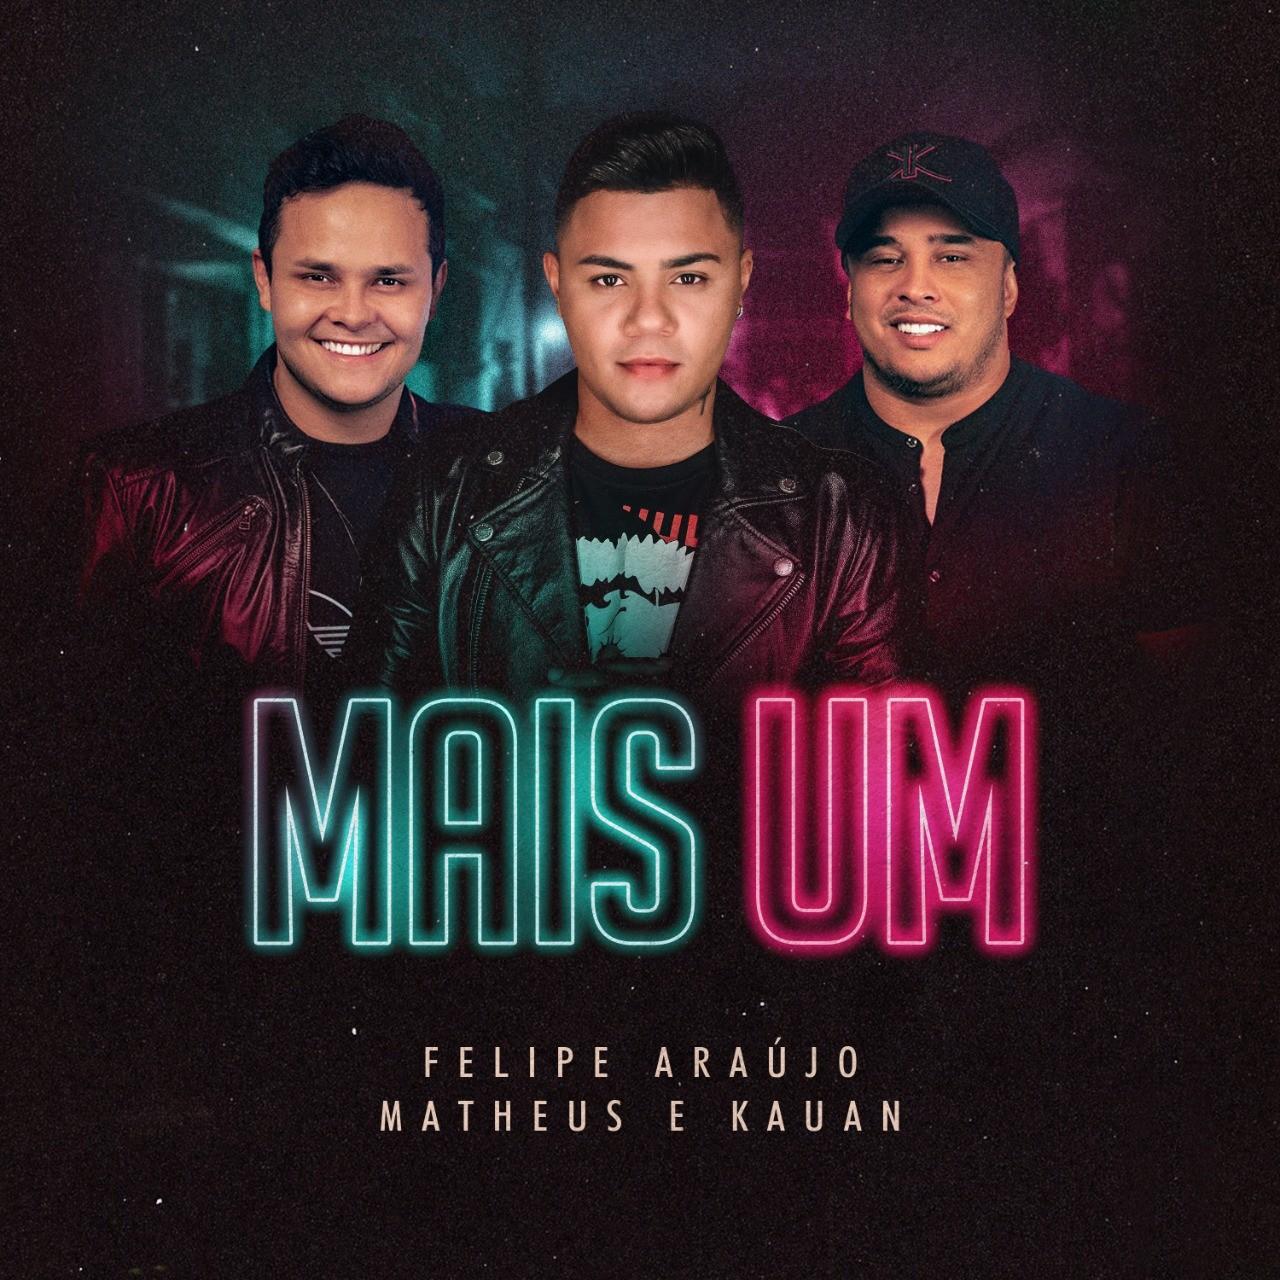 Felipe Araújo promove EP 'Outros 500' com música gravada com Matheus & Kauan